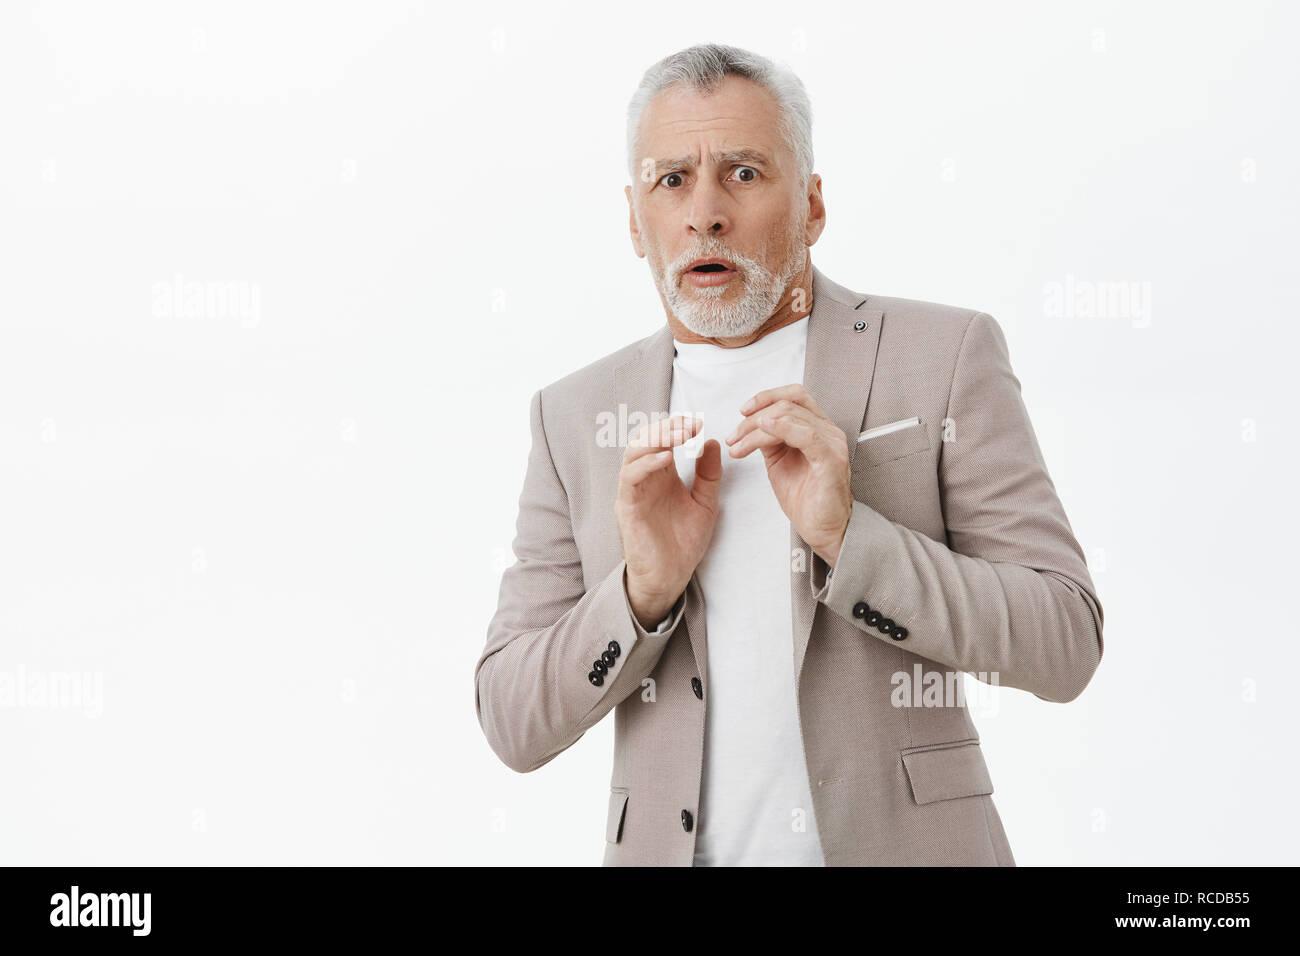 Retrato de intensa disgustado macho viejo hombre en traje elegante celebración manos presionado a pecho paso atrás de desagrado y aversión sensación escalofriante y tímido posando con fondo blanco. Imagen De Stock